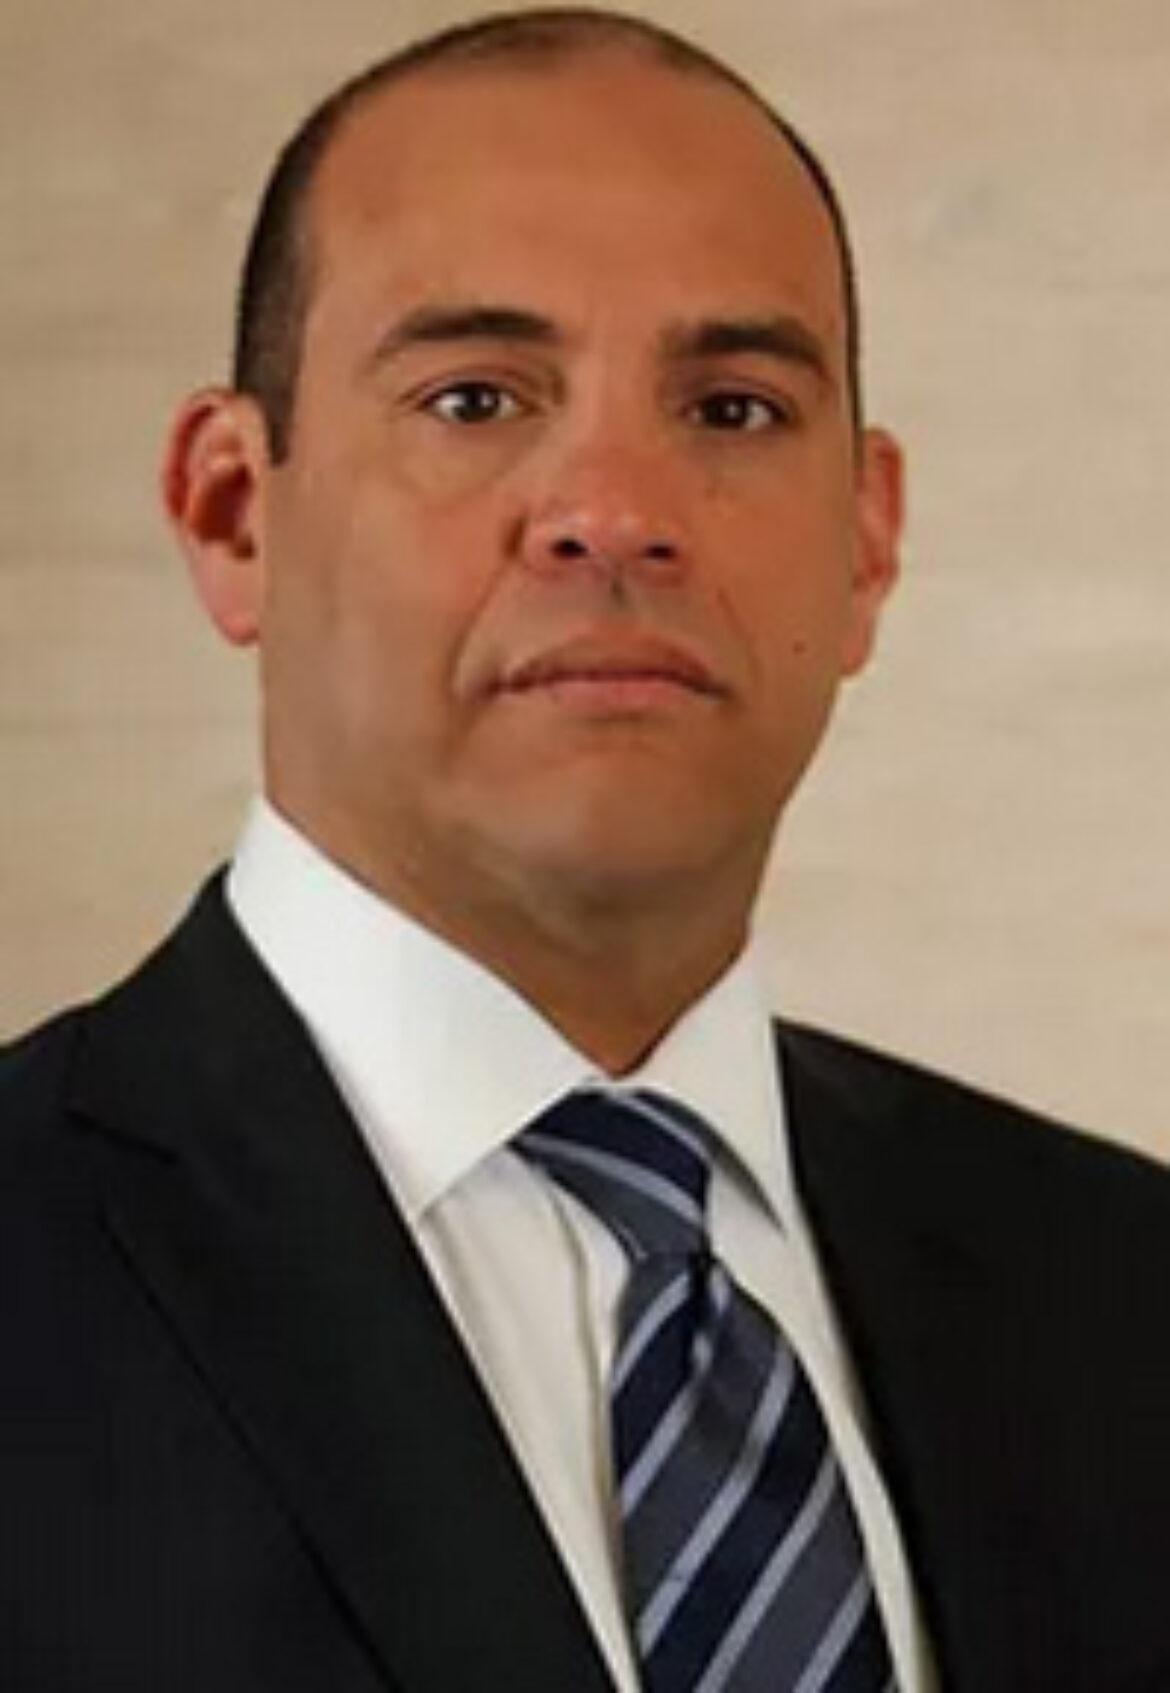 Lee Sepulvado-Ramos